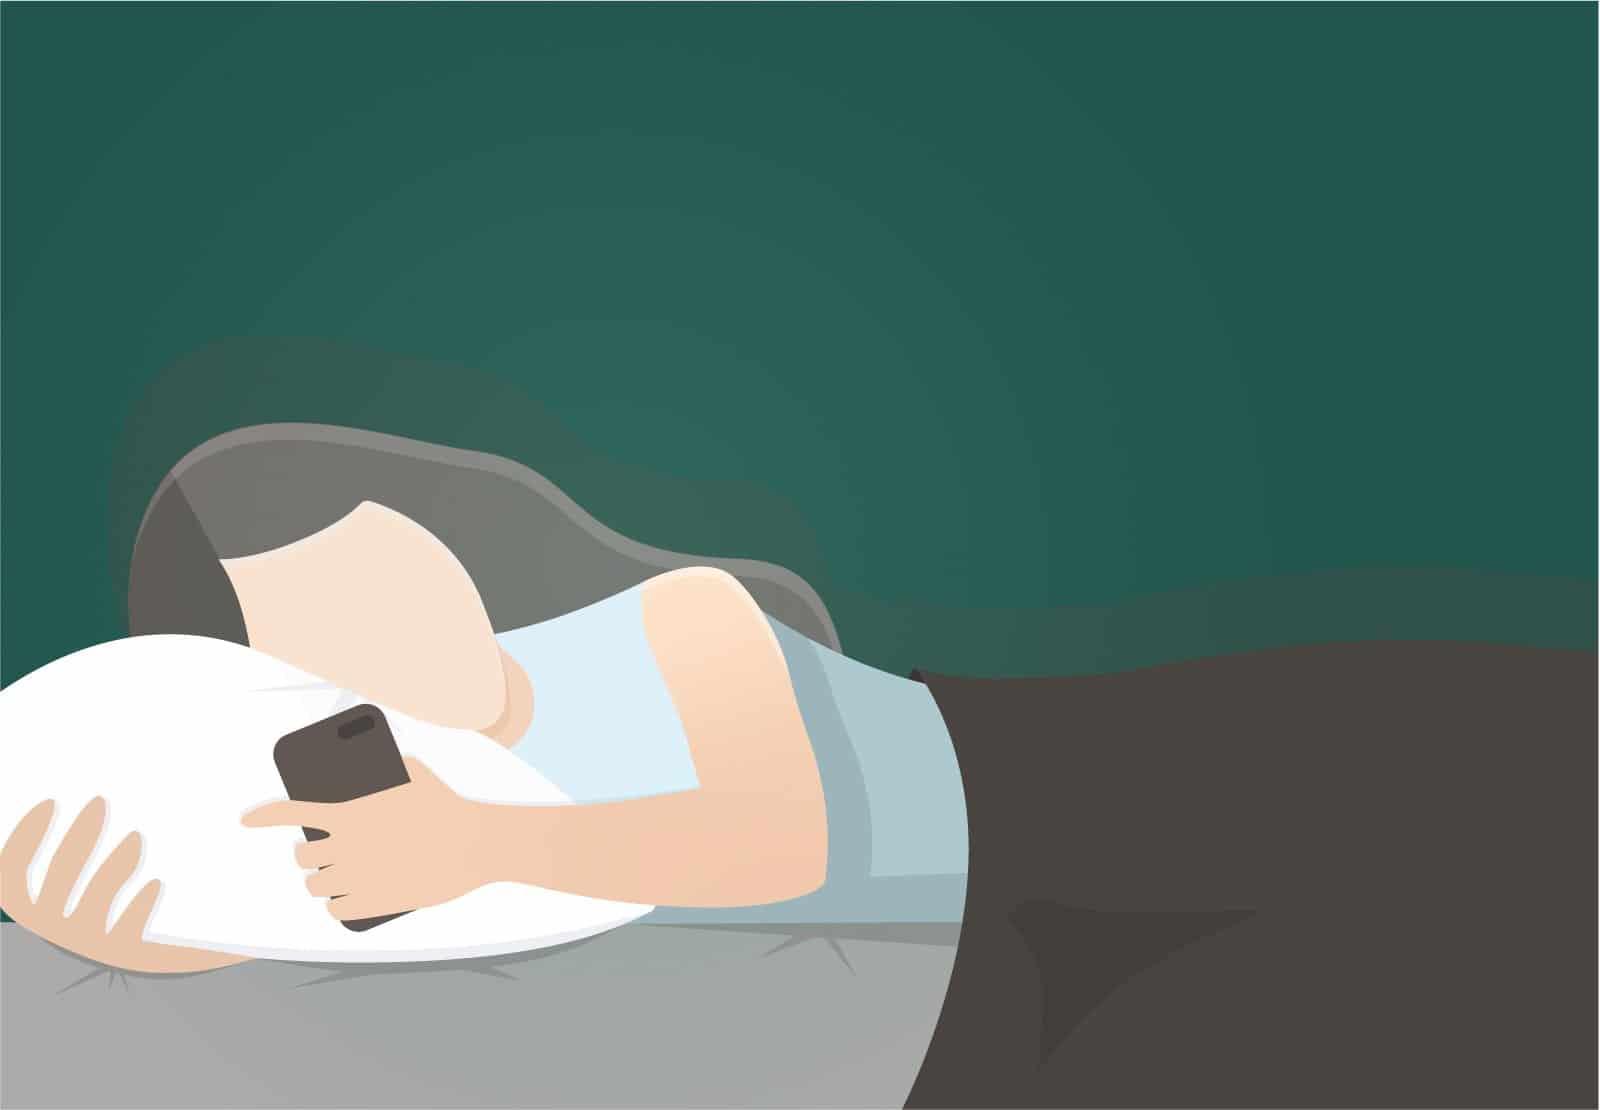 Handy am Bett – das Smartphone als Gefahr im Schlafzimmer?